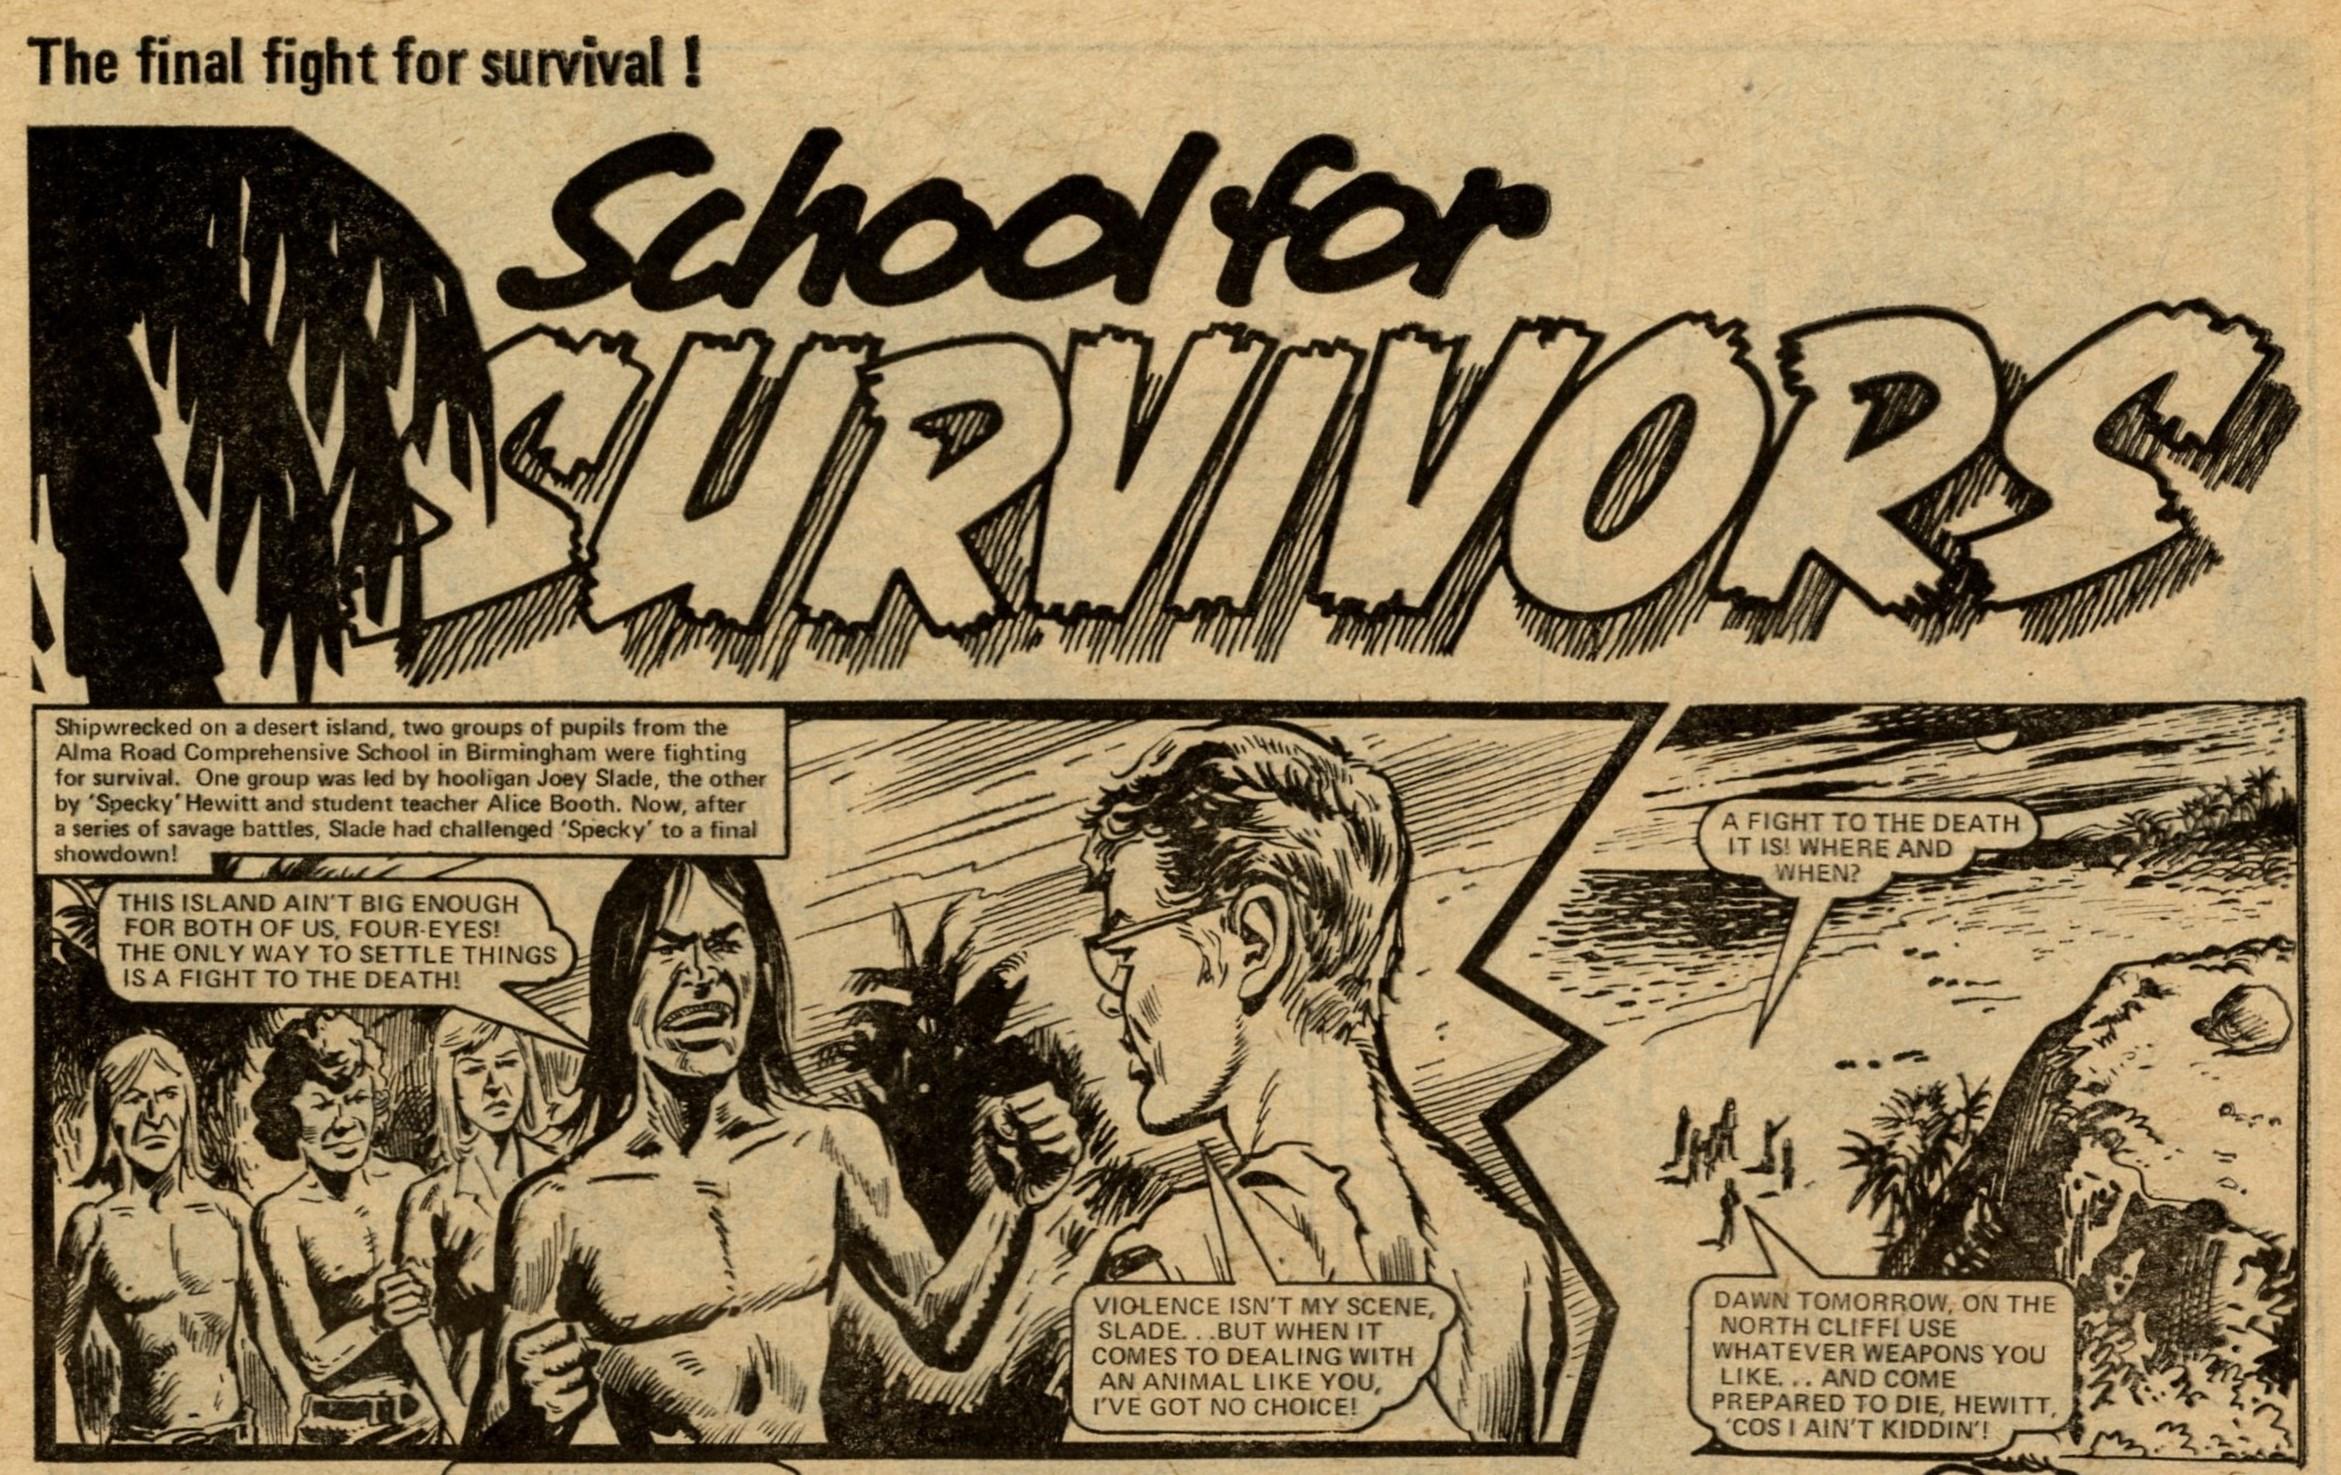 School for Survivors: Tony Harding? (artist)